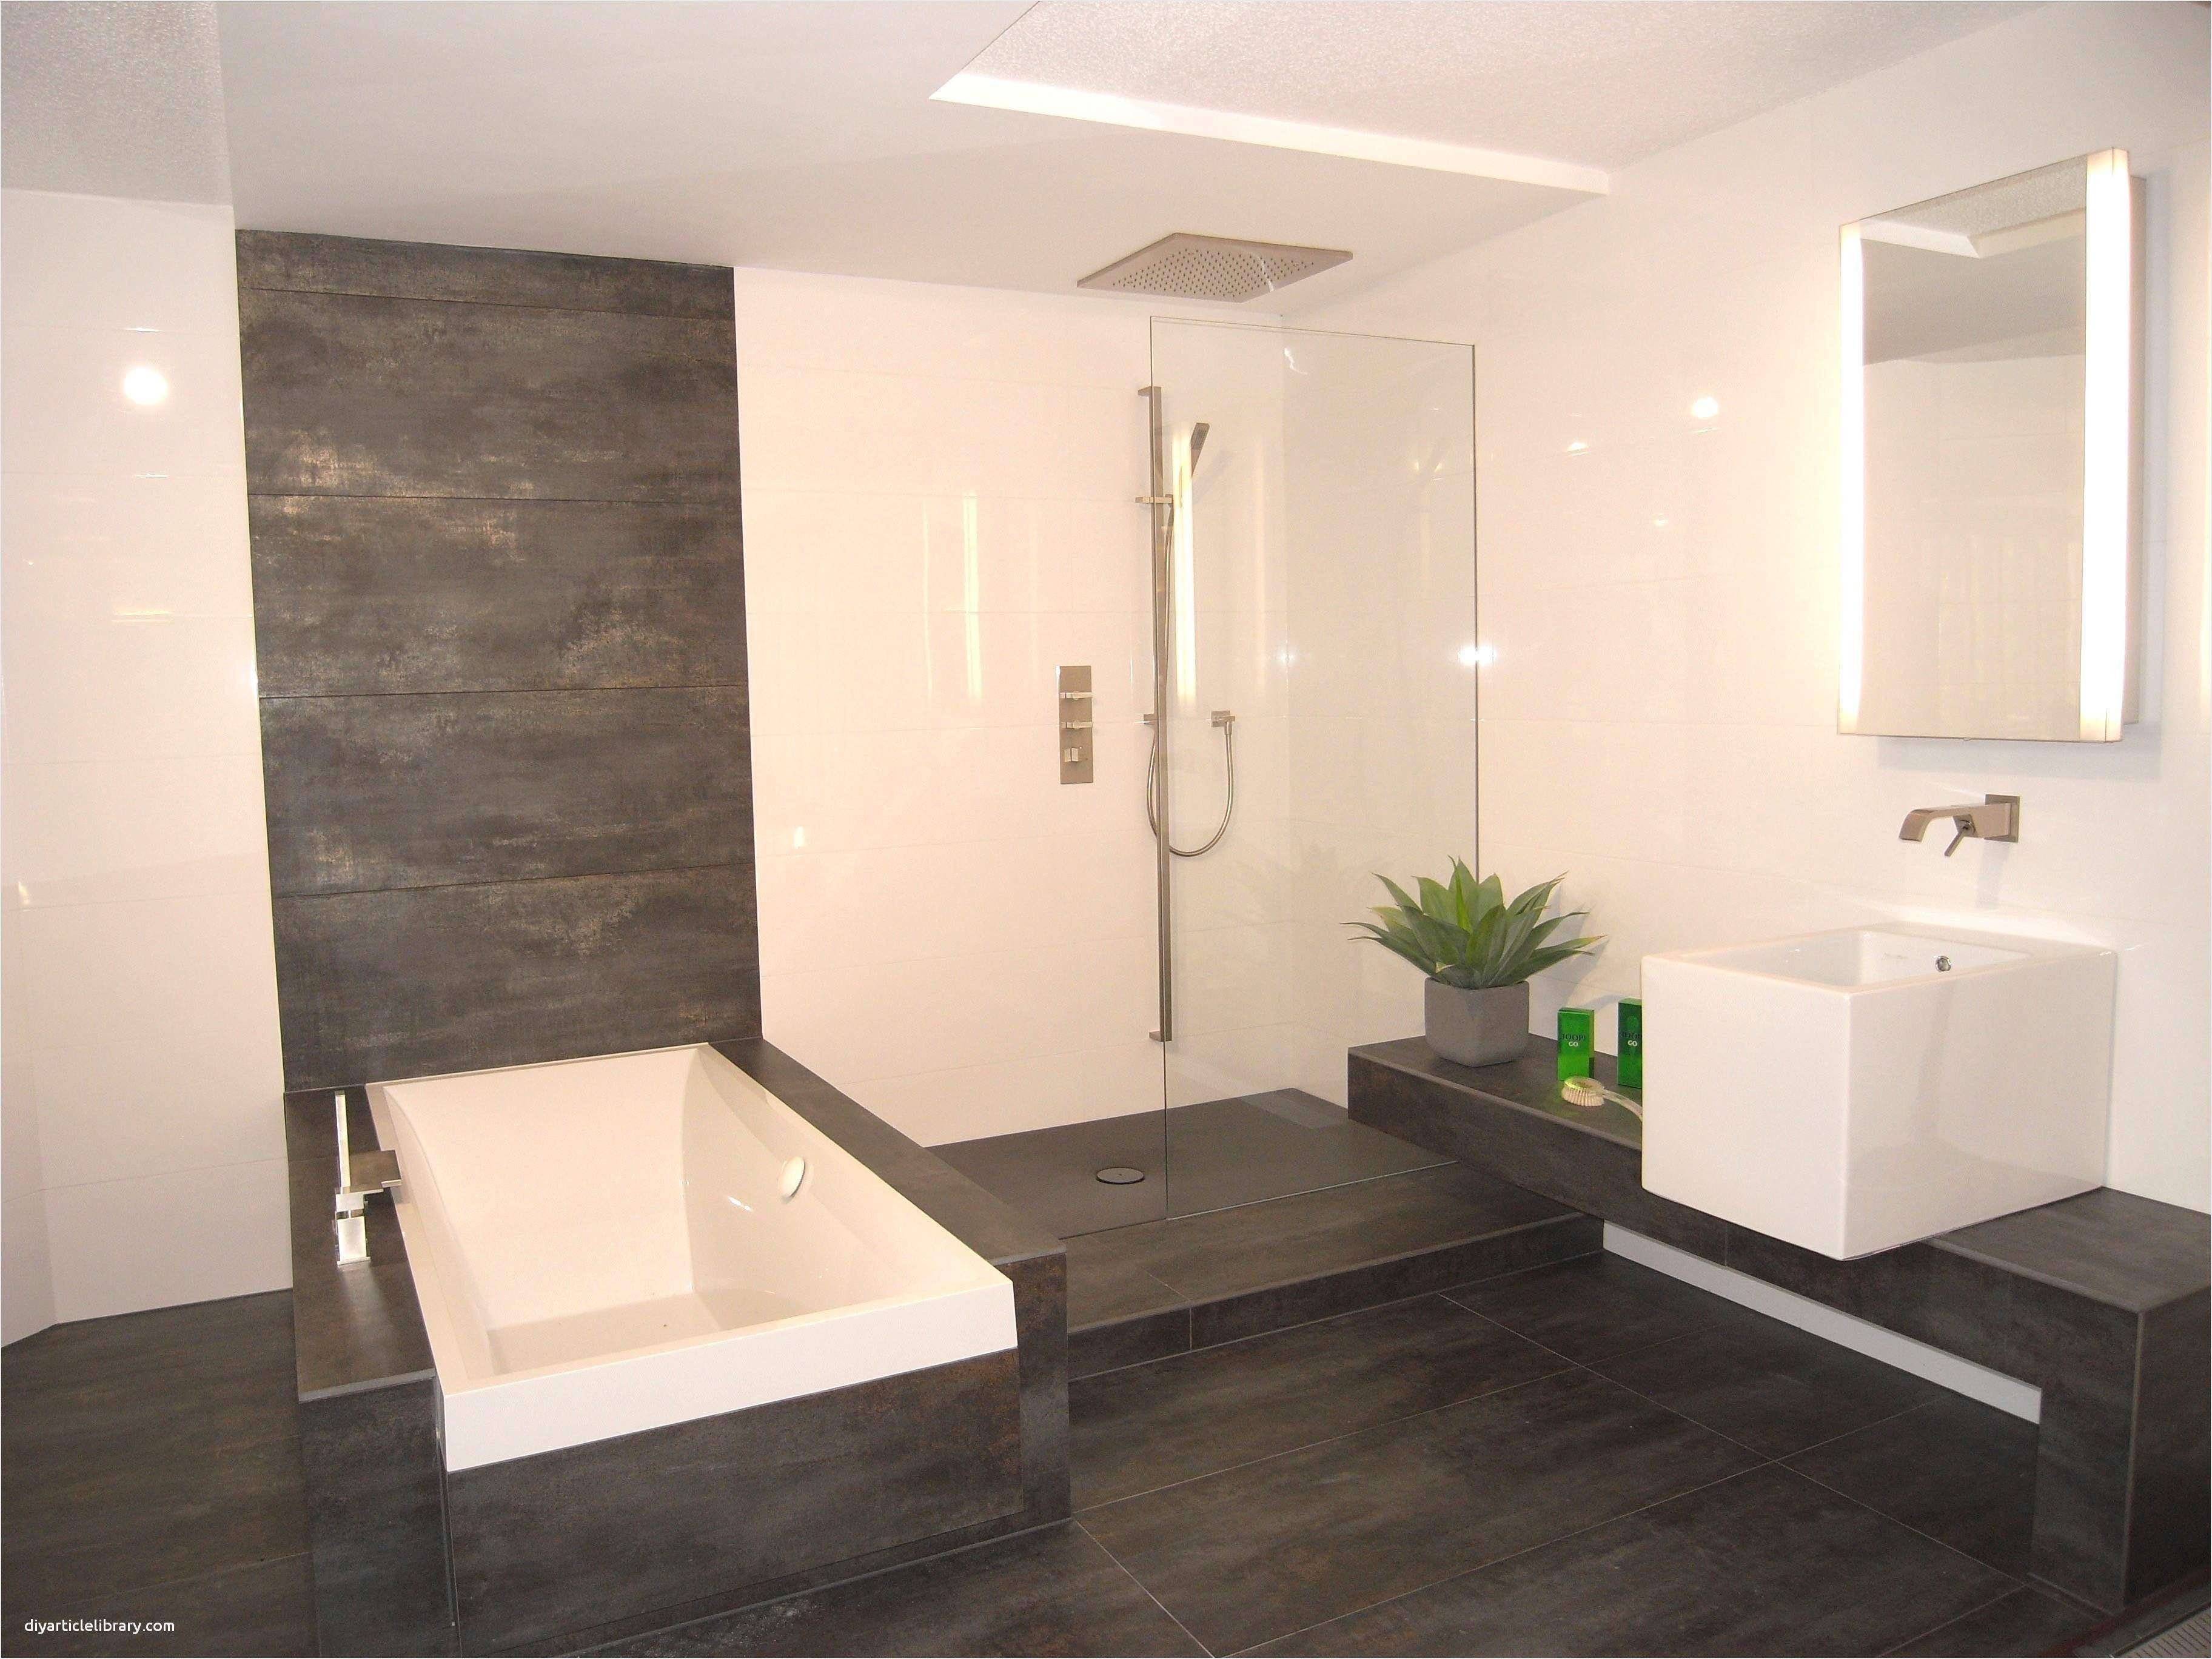 Kosten Fur Badezimmer Mit Bildern Badezimmer Fliesen Badezimmer Design Badezimmer Fliesen Bilder